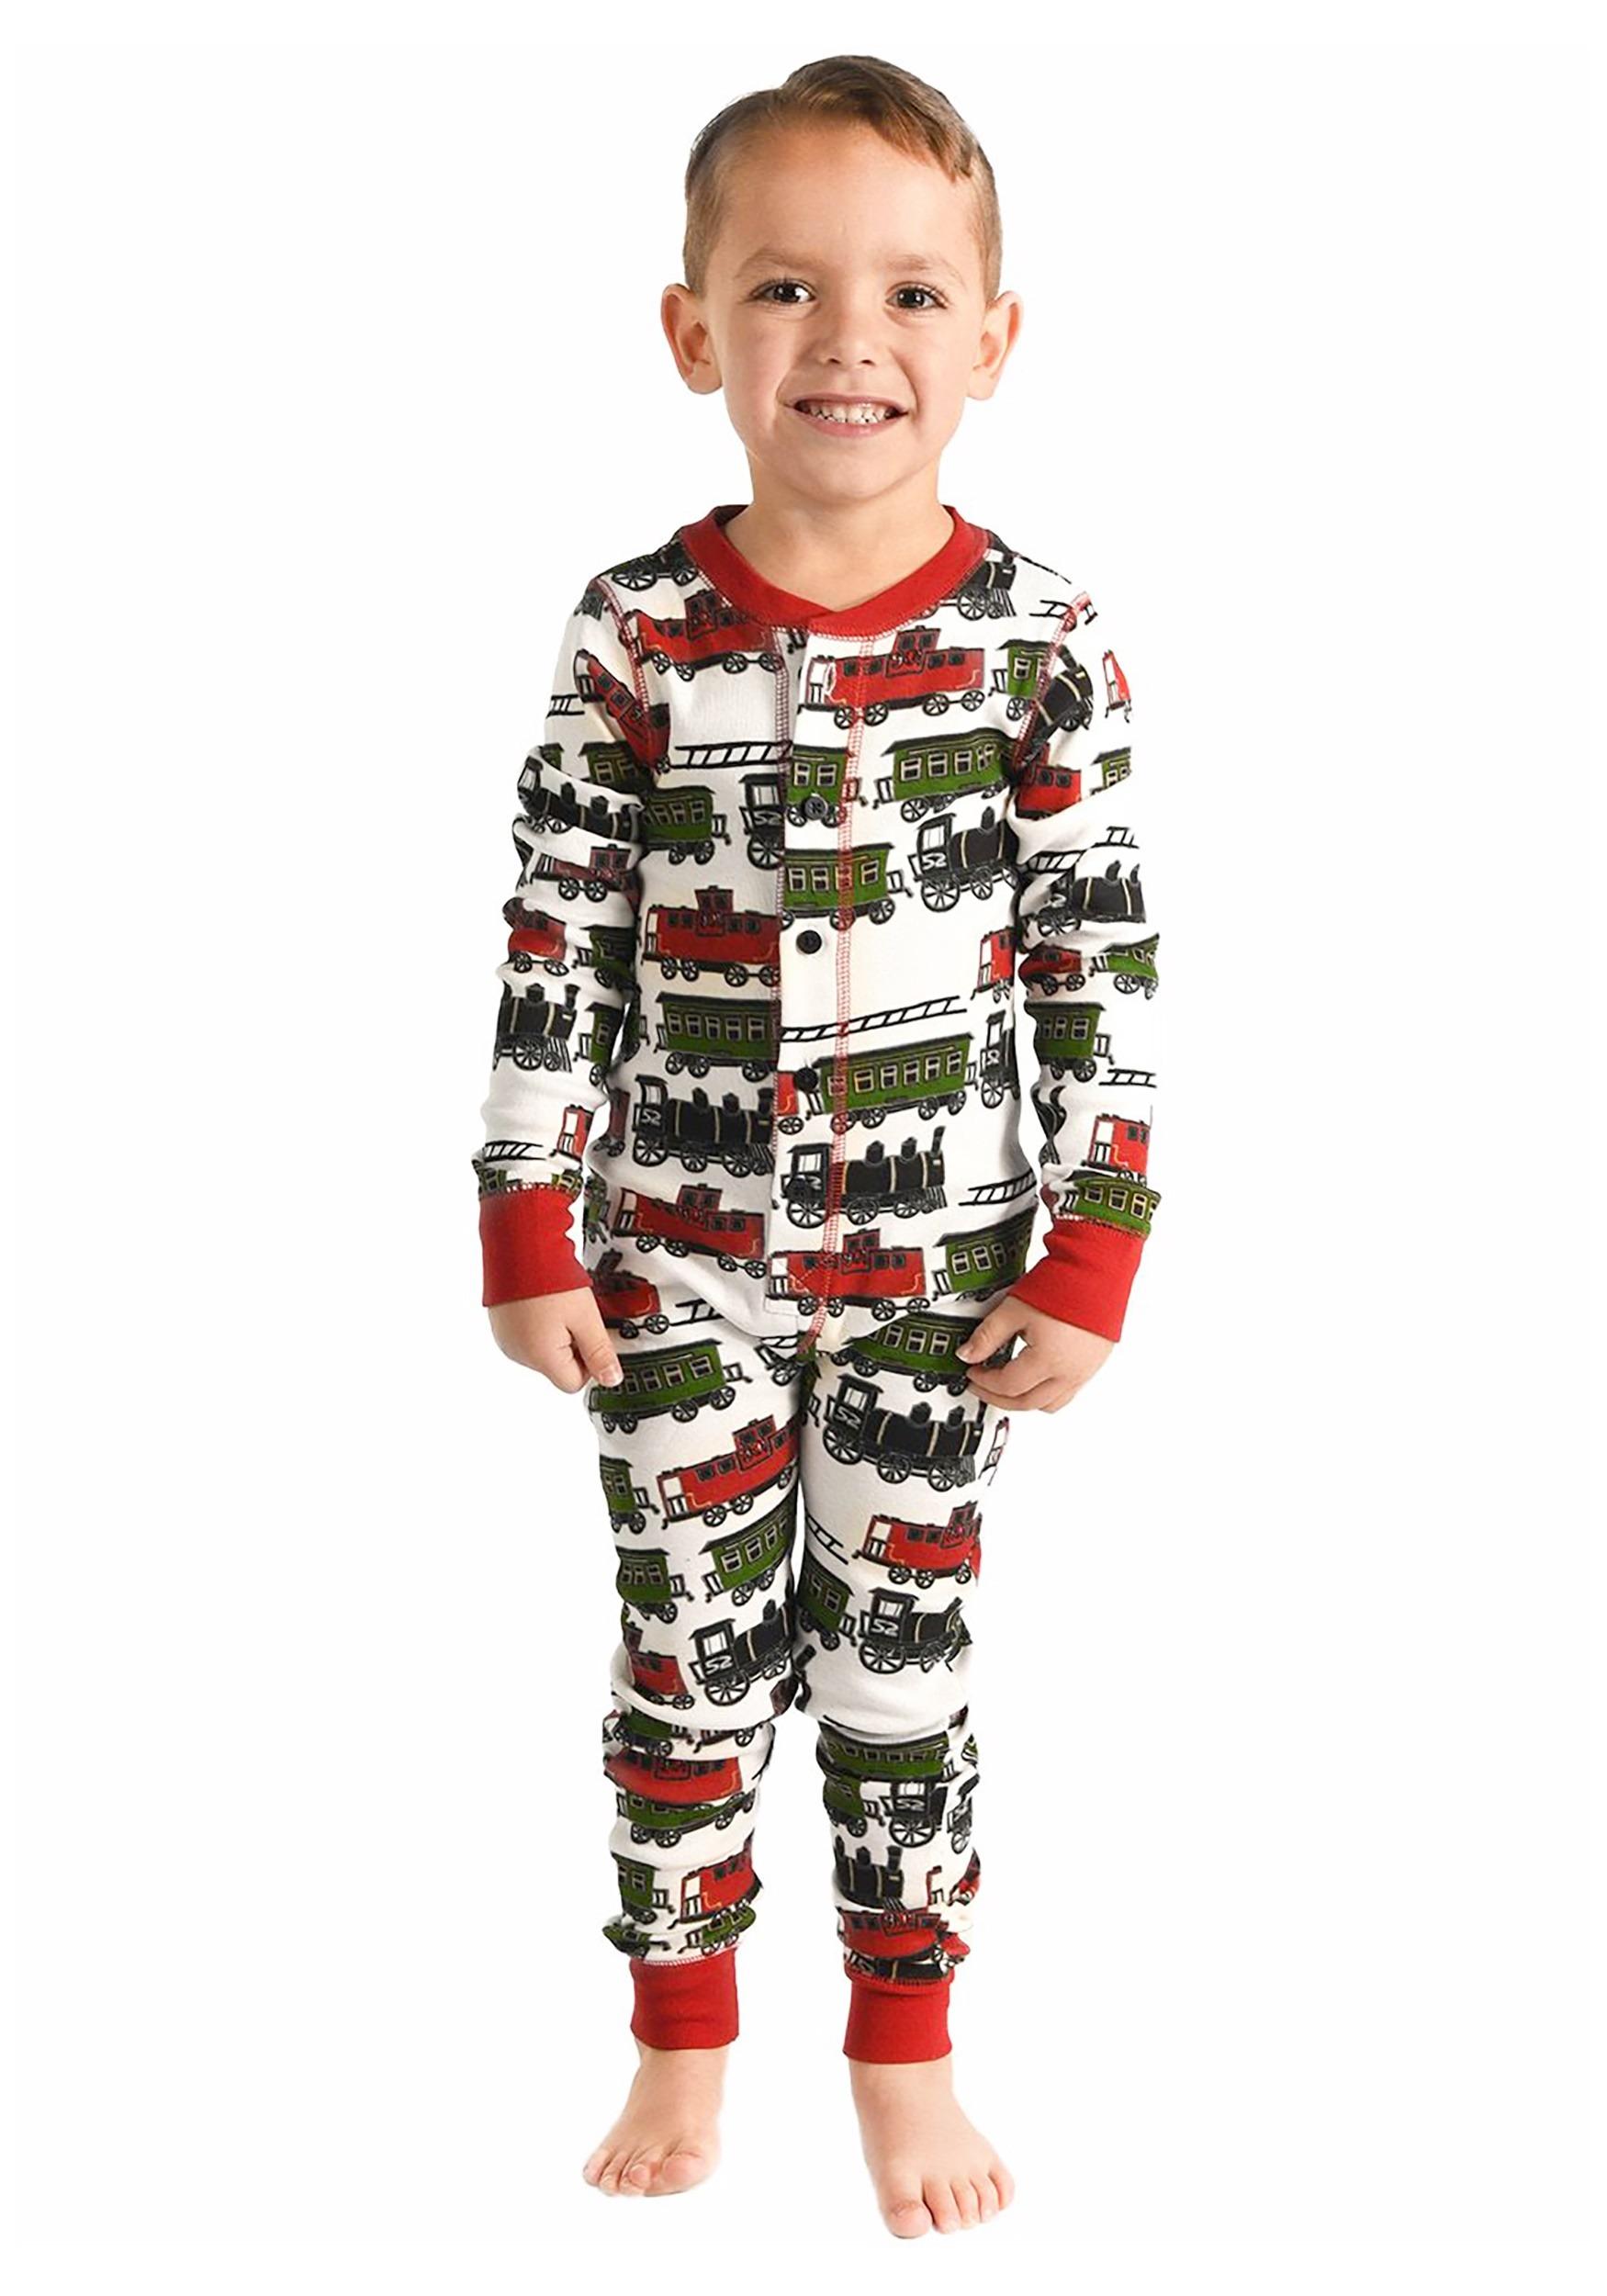 Trains Caboose Kids Flapjack Pajamas